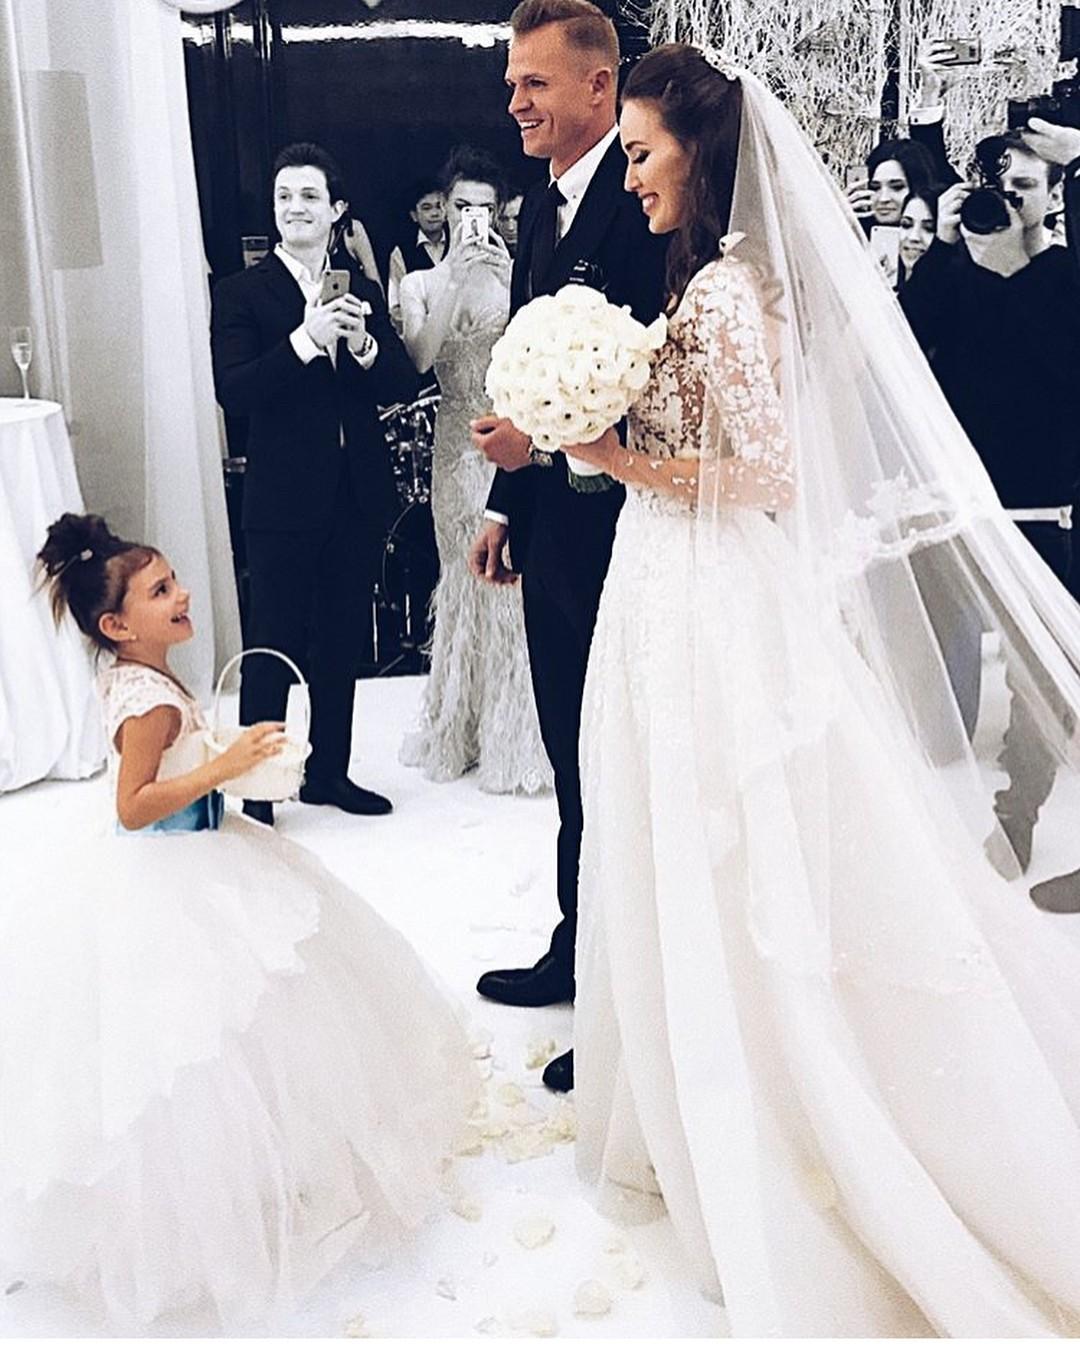 тарасов фото со свадьбы с костенко кессонный